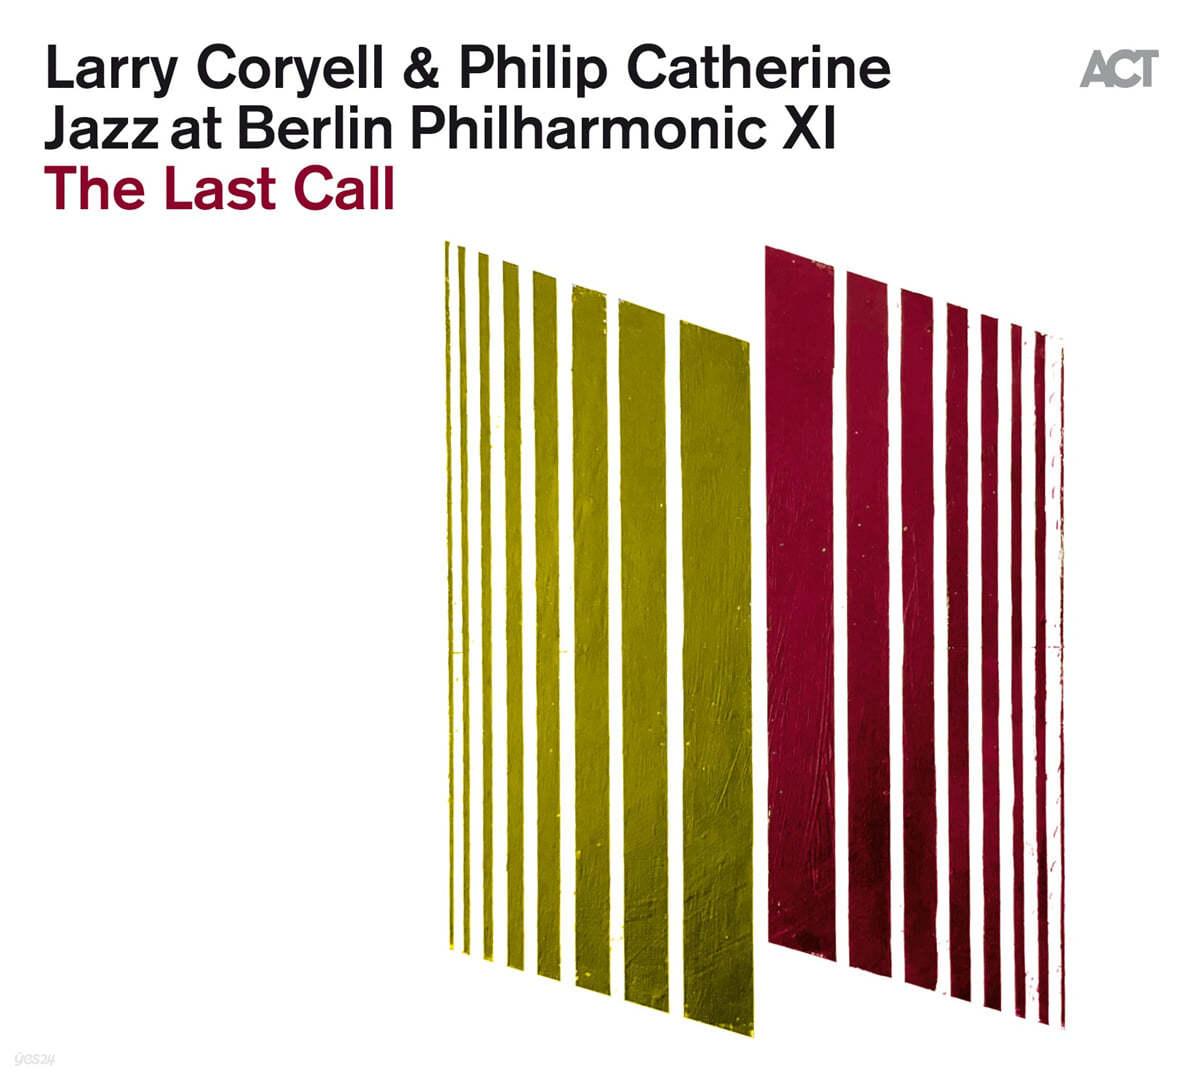 재즈 앳 베를린 필하모닉 11집 (Larry Coryell / Philip Catherine - Jazz at Berlin Philharmonic XI) [LP]